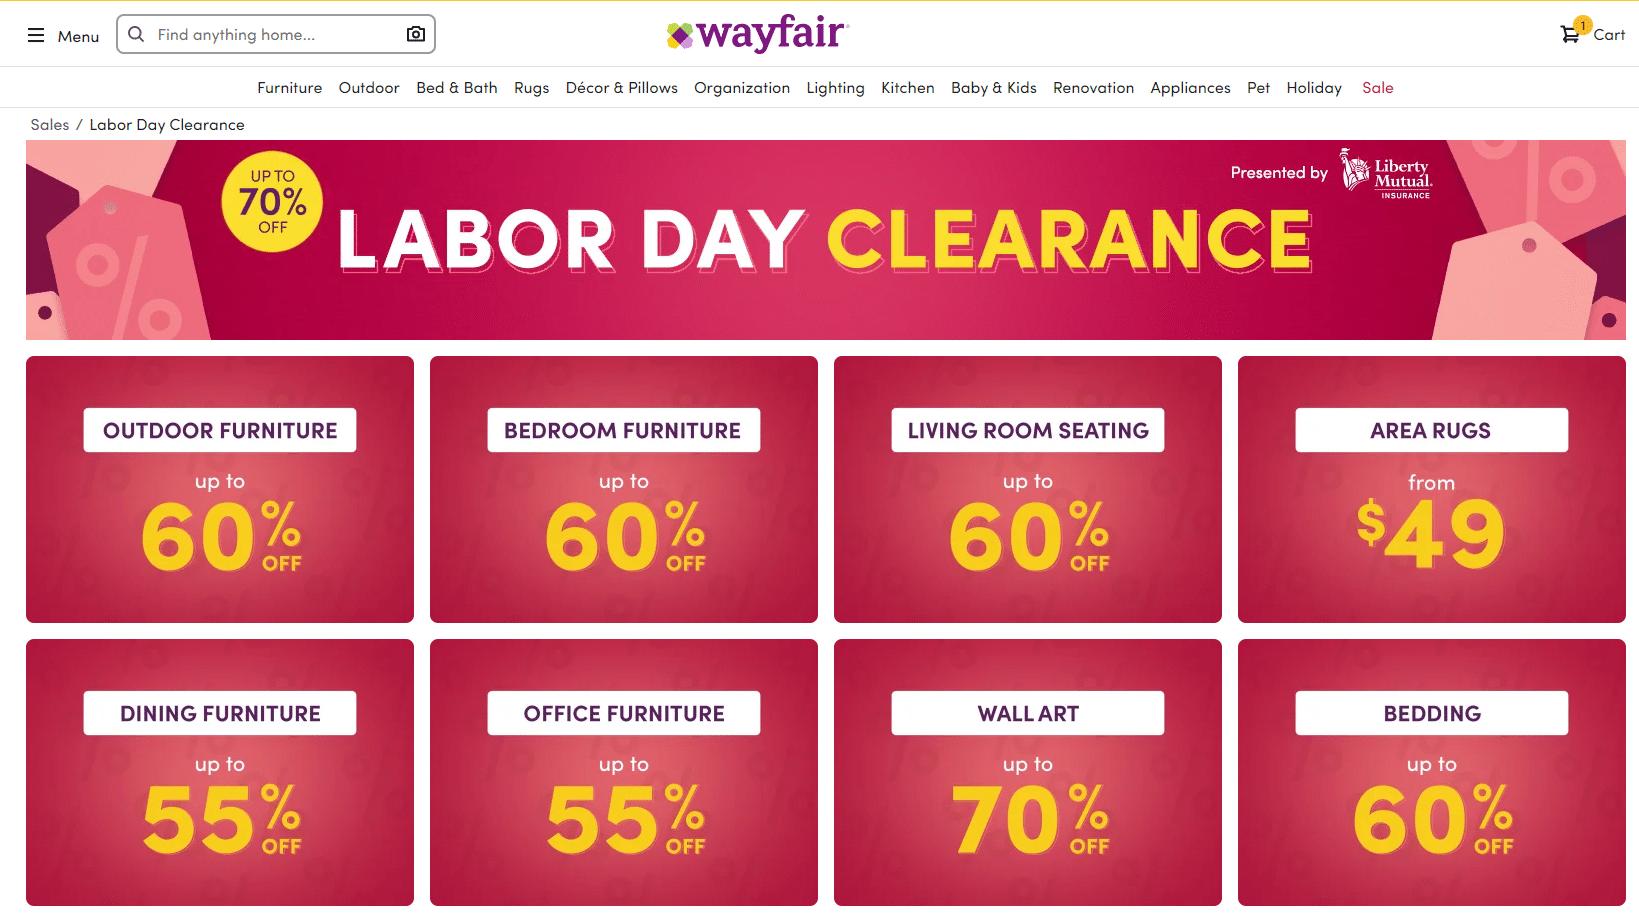 wayfair.com labor day clearance